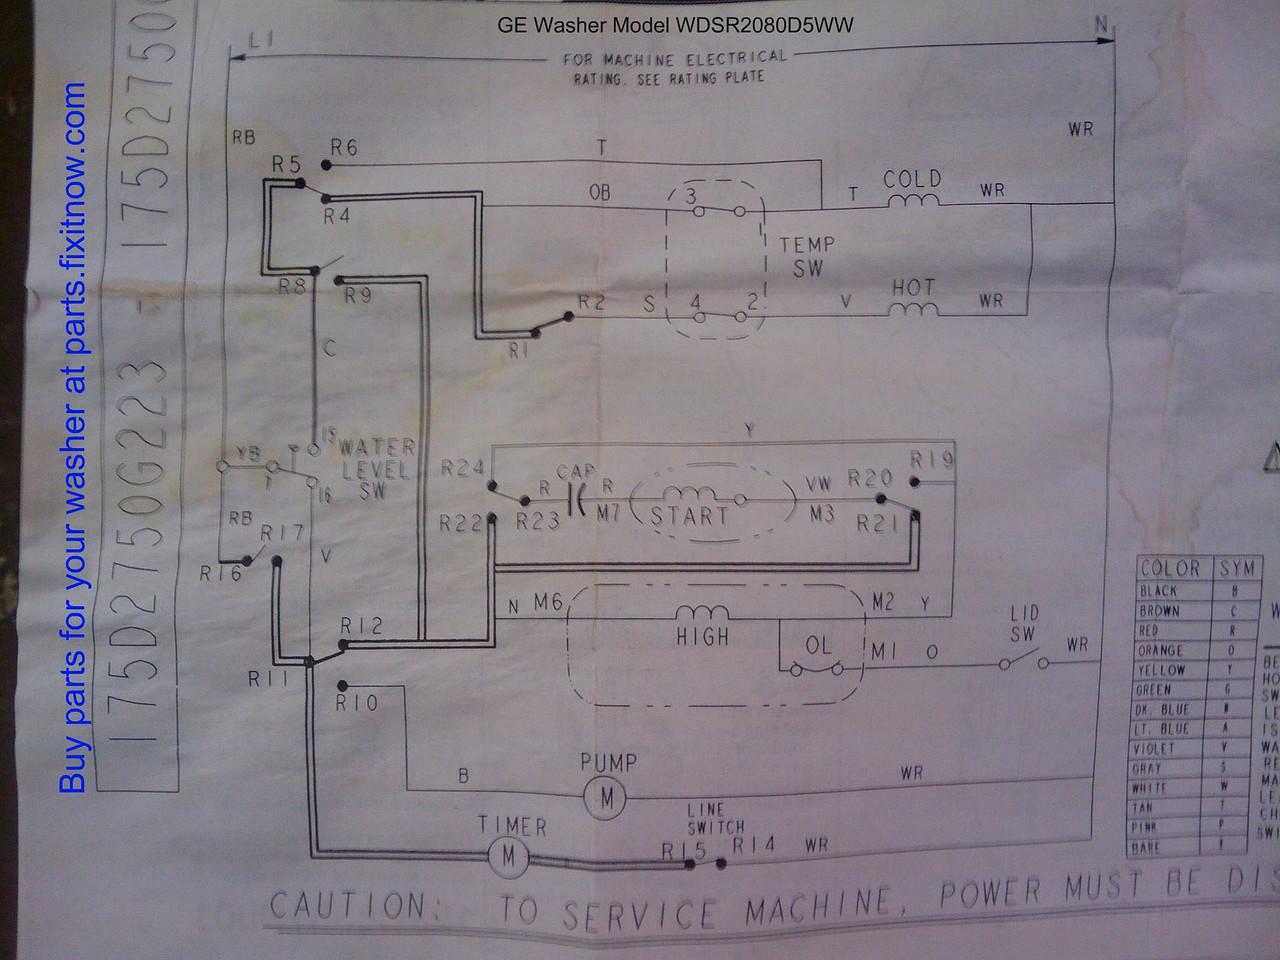 GE washer Mod# WDSR2080D5WW Schematic